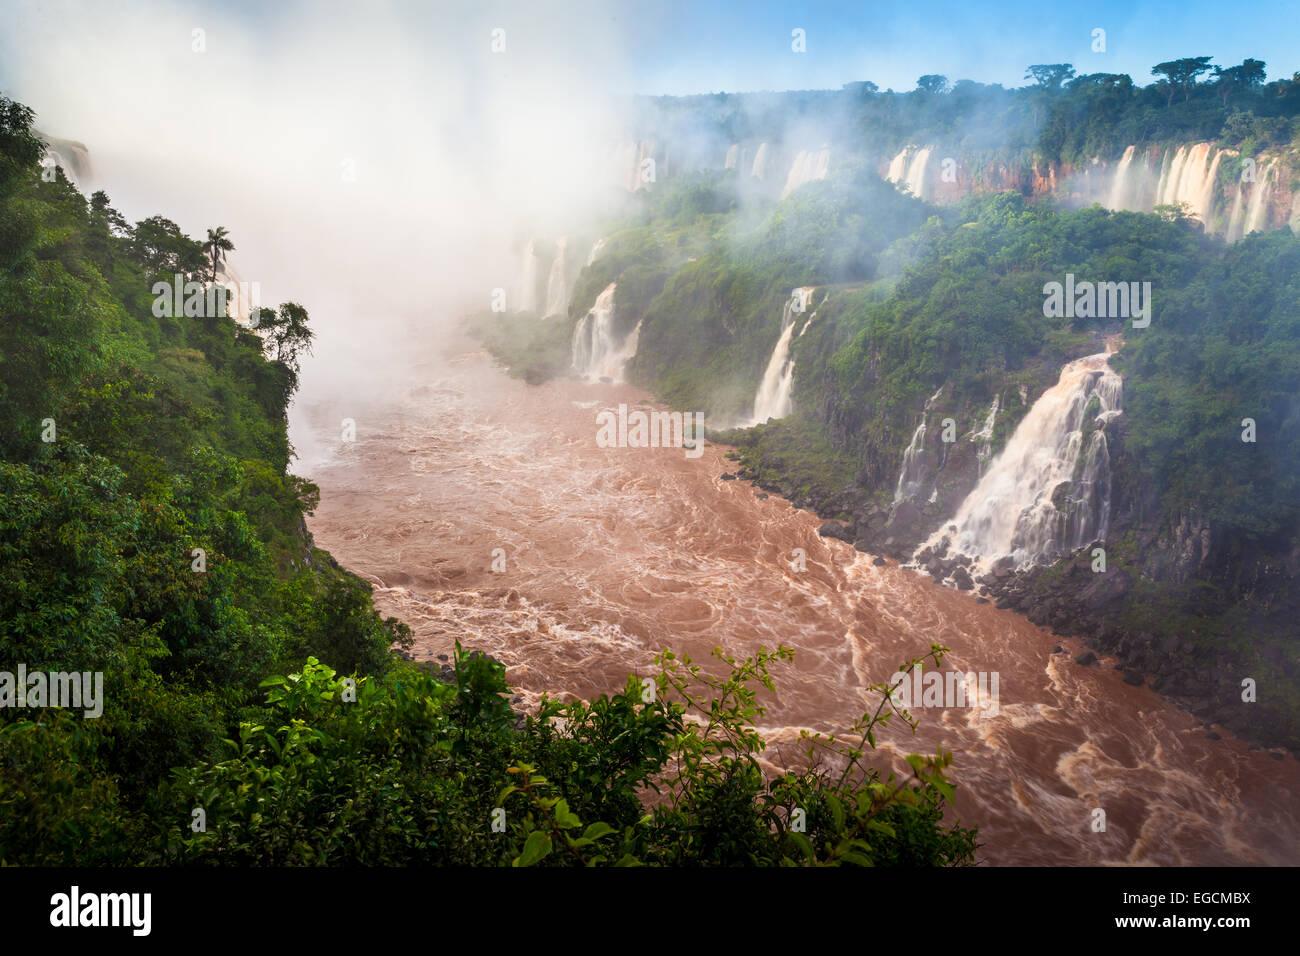 Las Cataratas del Iguazú son las cascadas del río Iguazú, en la frontera de Argentina y Brasil Foto de stock